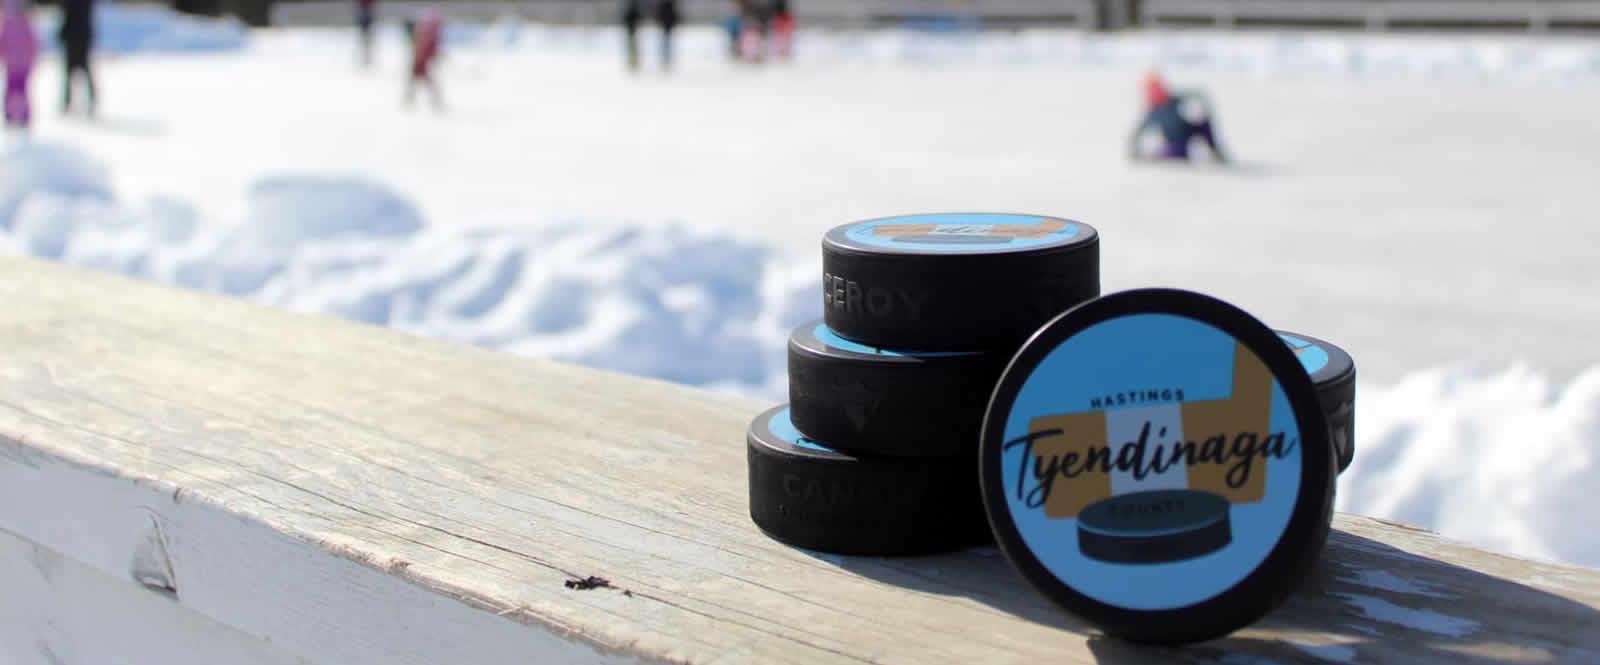 skating rink and tyendinaga pucks